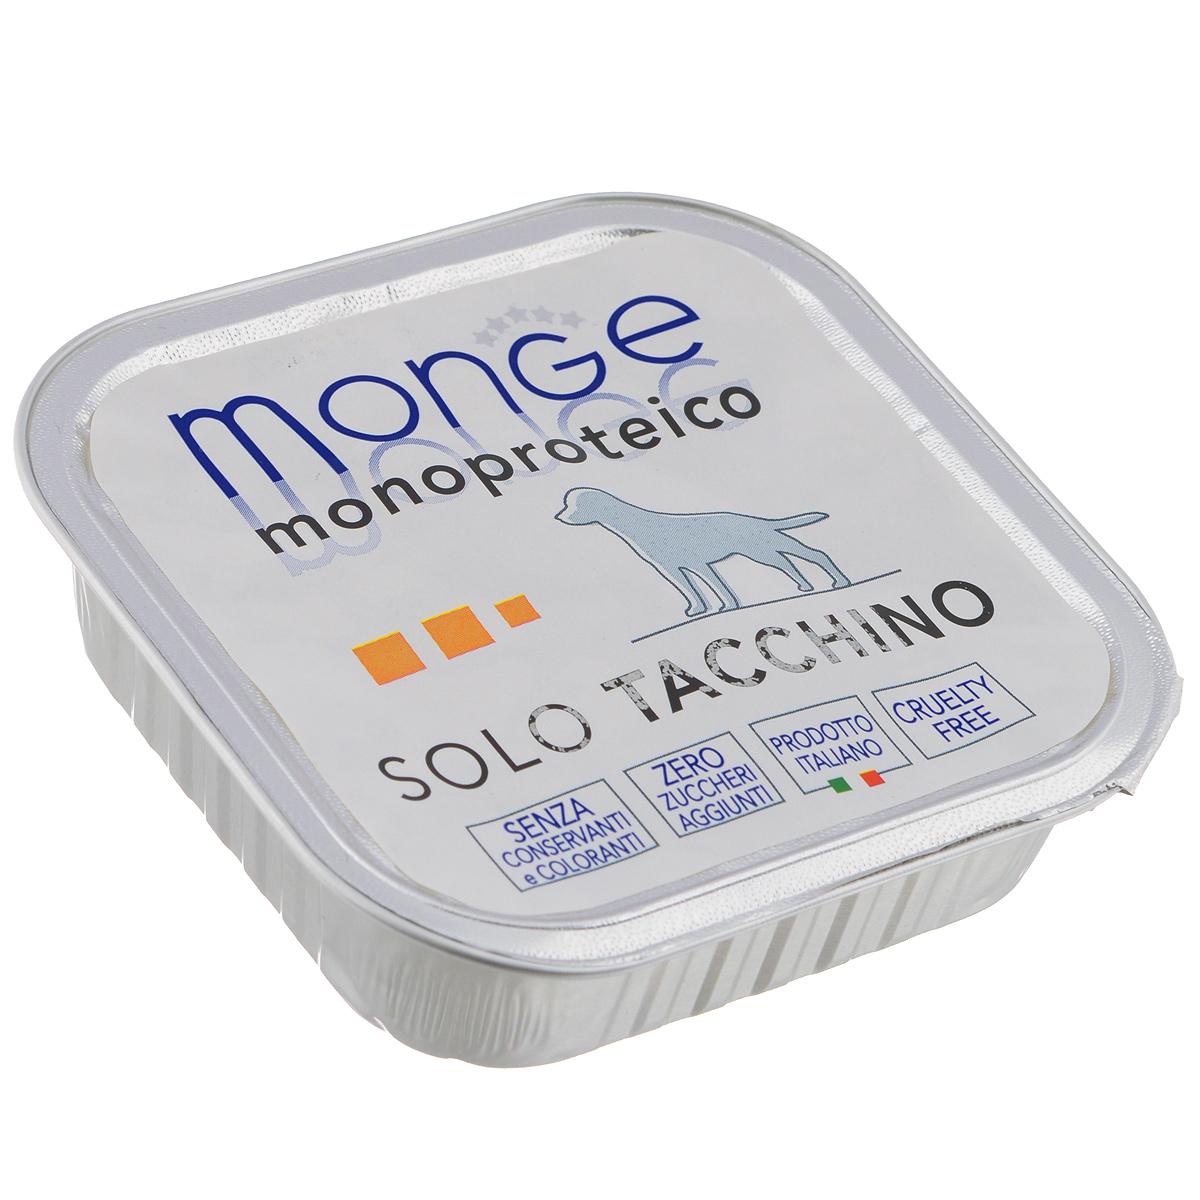 Консервы для собак Monge Monoproteico Solo, паштет из индейки, 150 г70014144Консервы для собак Monge Monoproteico Solo - монобелковый паштет с мясом индейки для собак. Состав: свежая индейка (соответствует 100% использованного мяса), минеральные вещества, витамины. В данном продукте нет клейковины, красителей, консервантов, а также глютена. Технологические добавки: загустители и желирующие вещества. Анализ компонентов: сырой белок 8%, сырые масла и жиры 6,5%, сырая клетчатка 0,5%, сырая зола 1,5%, влажность 80%. Витамины и добавки на 1 кг: витамин А 2500 МЕ, витамин D3 300 МЕ, витамин Е 7 мг. Товар сертифицирован.